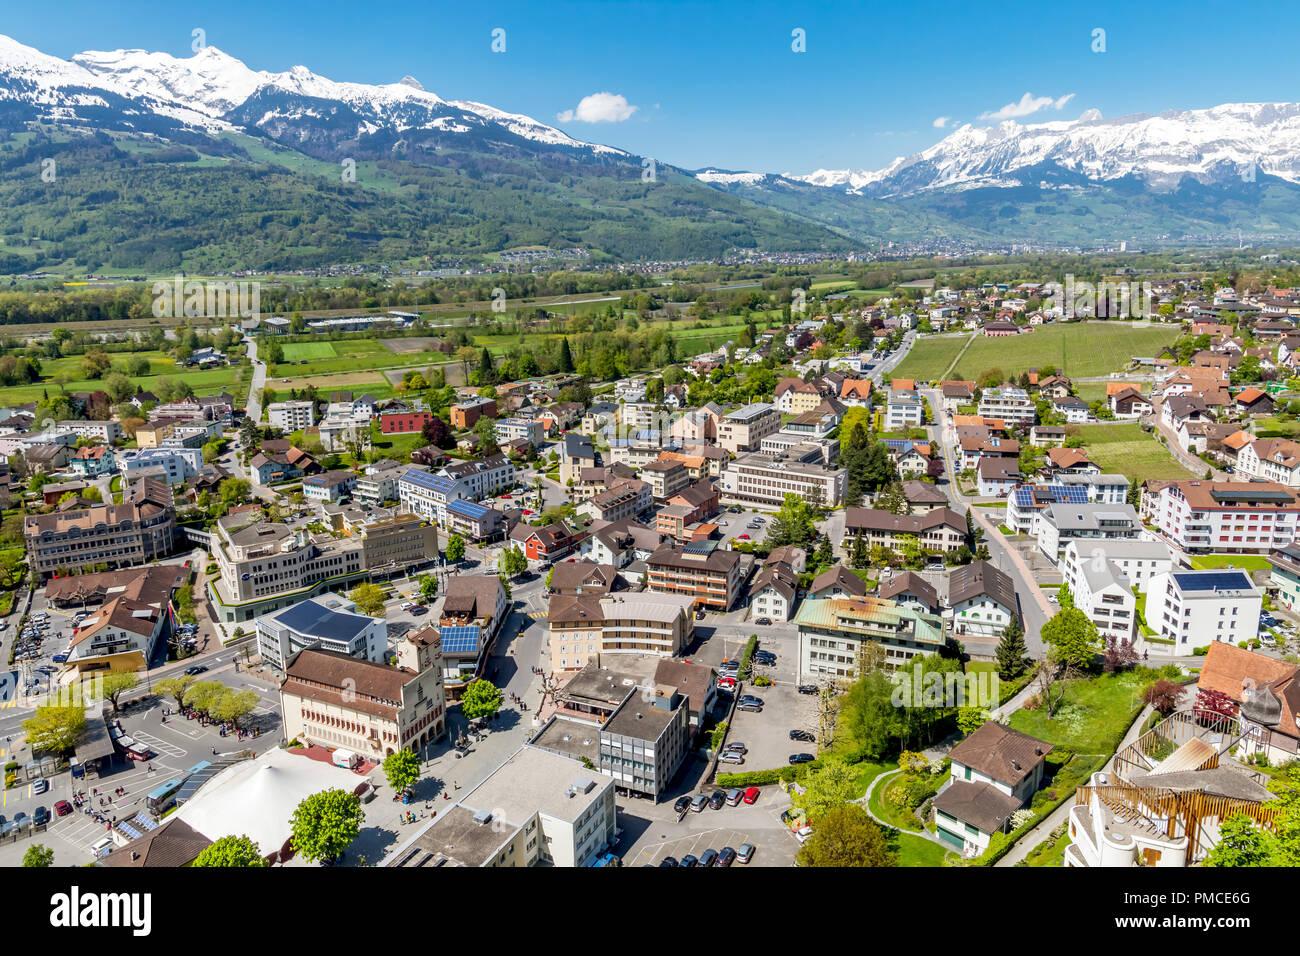 Aerial view of Vaduz, capital of Lichtenstein. Stock Photo